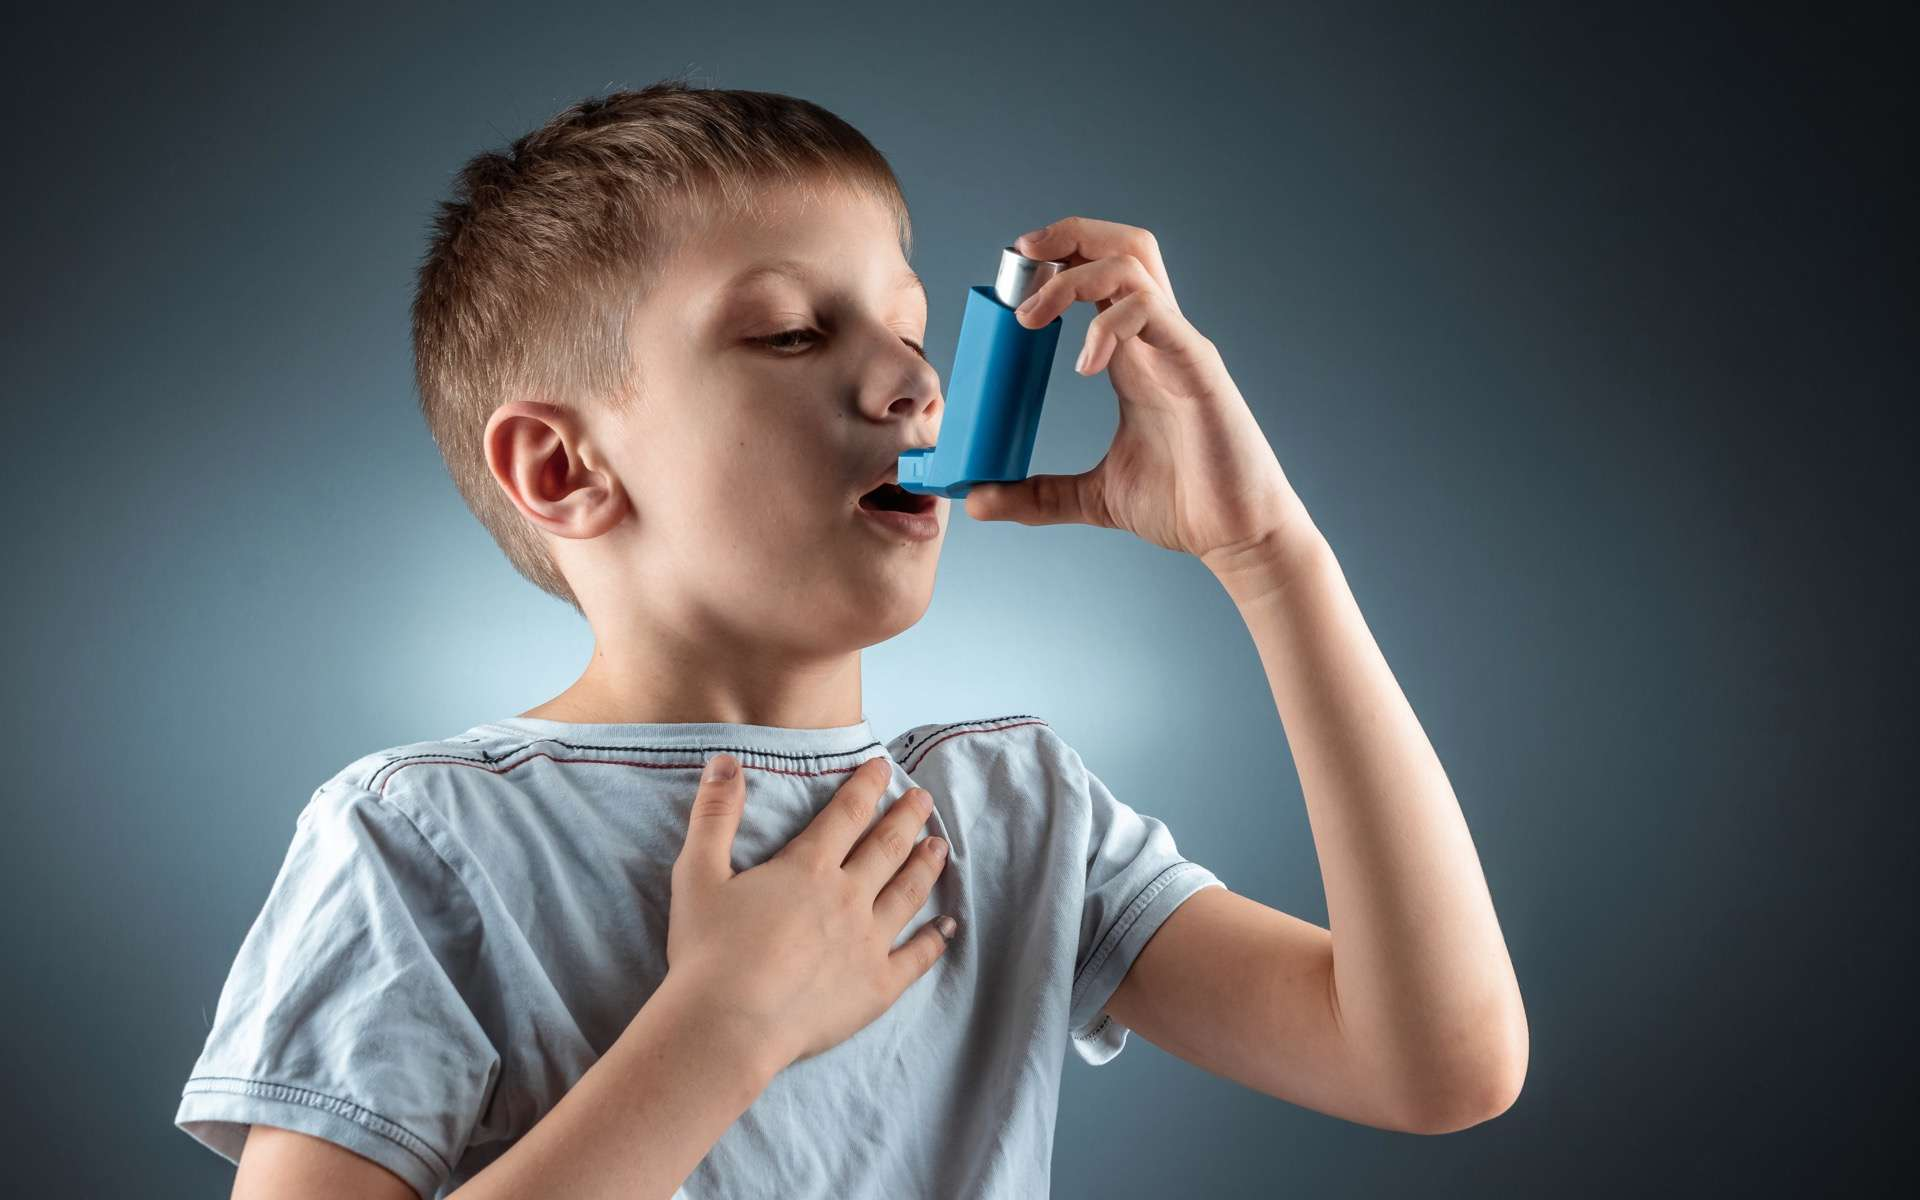 Un espoir pour les personnes asthmatiques. Une équipe de scientifiques a mis au point un vaccin, efficace chez la souris, qui induirait une protection contre l'asthme allergique et ce, avec des...